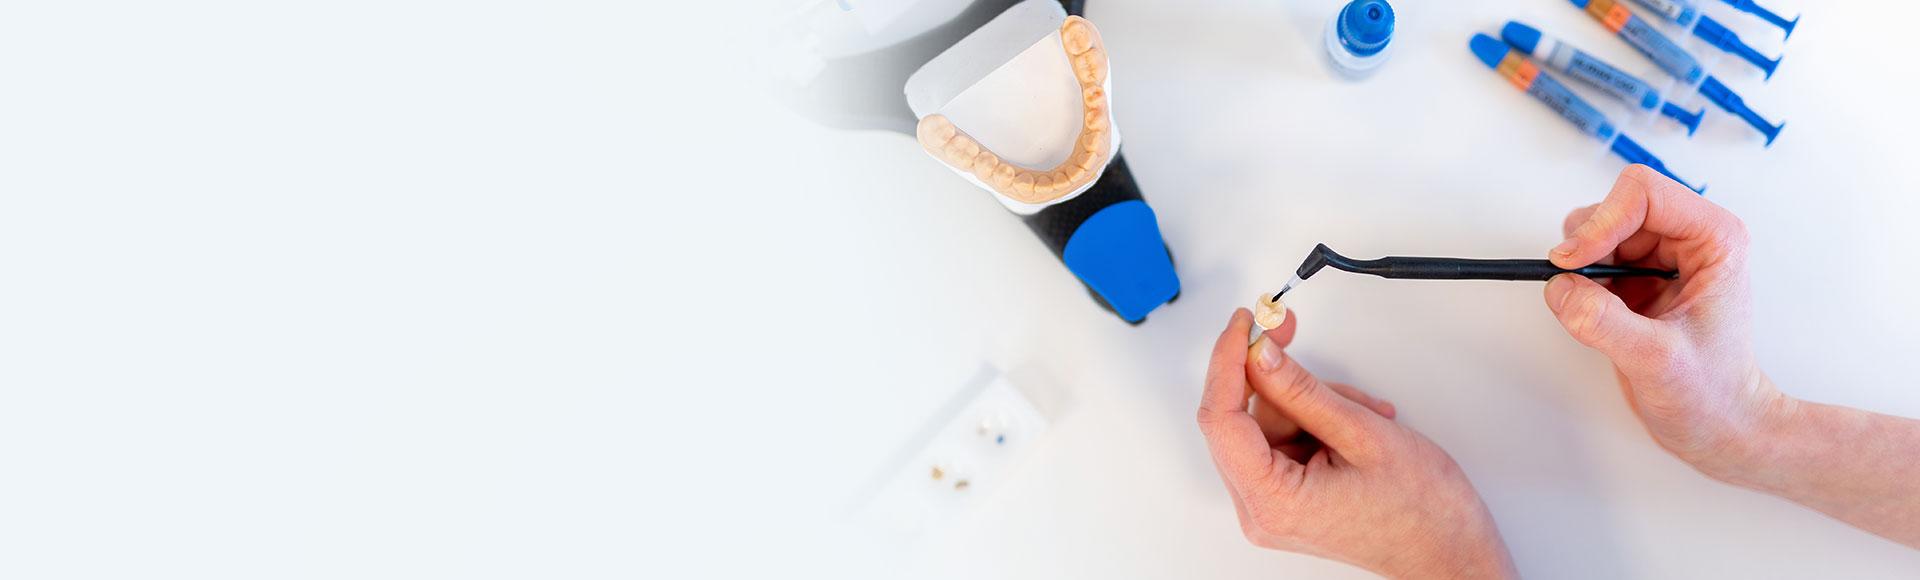 Qualitativer Zahnersatz – Prothesen, Brücken und mehr